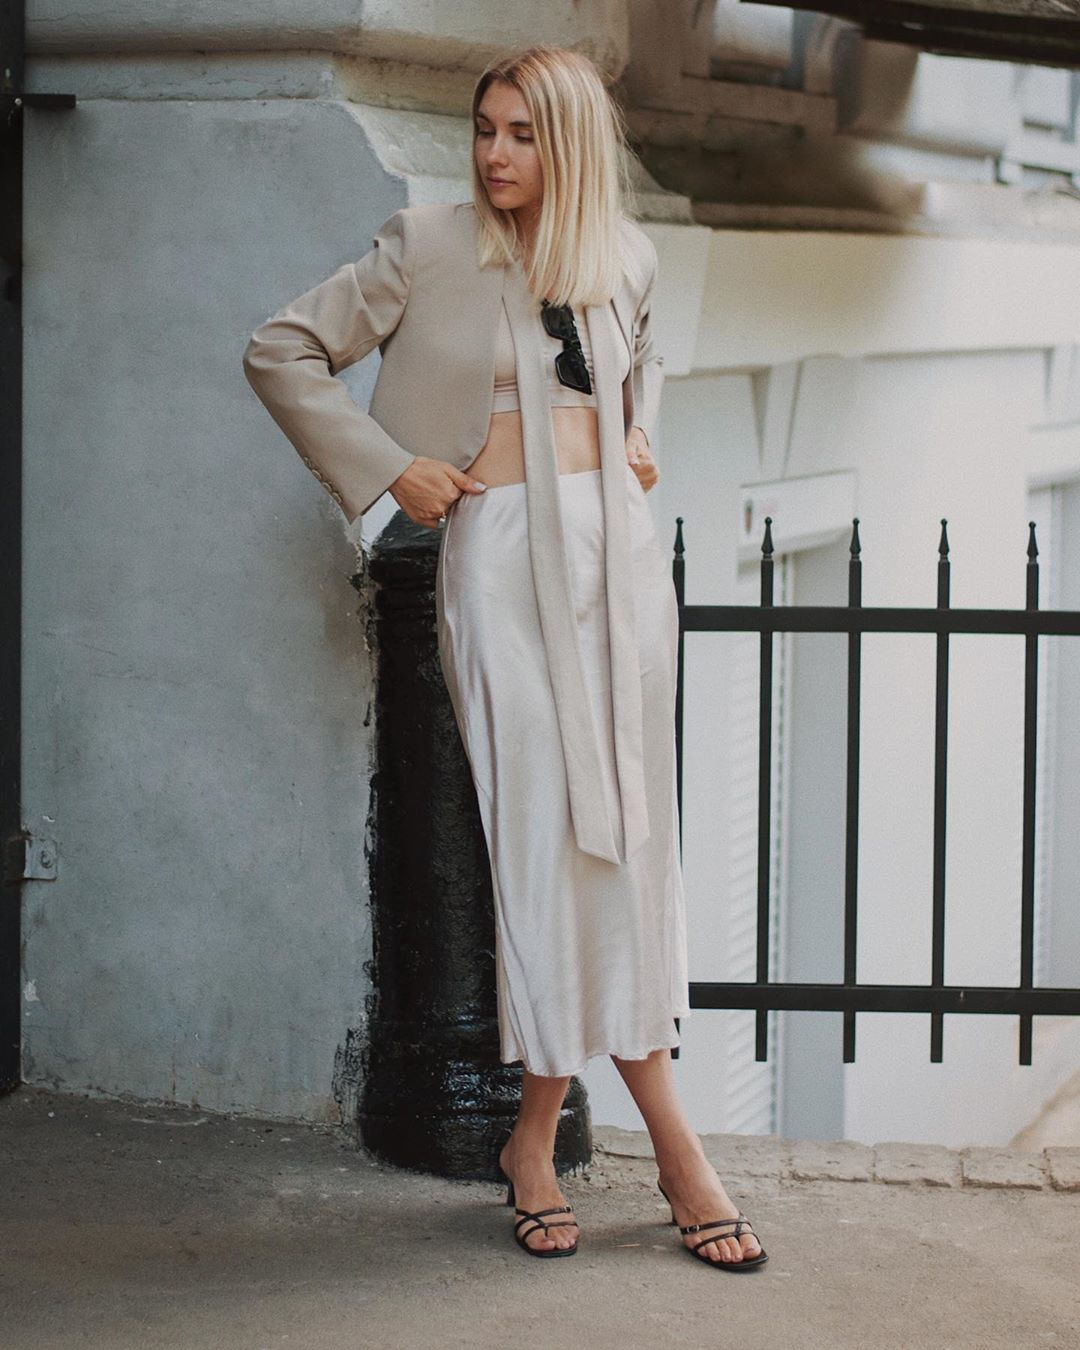 Cô gái mặc chân váy suông màu trắng cùng áo crop-top và blazer